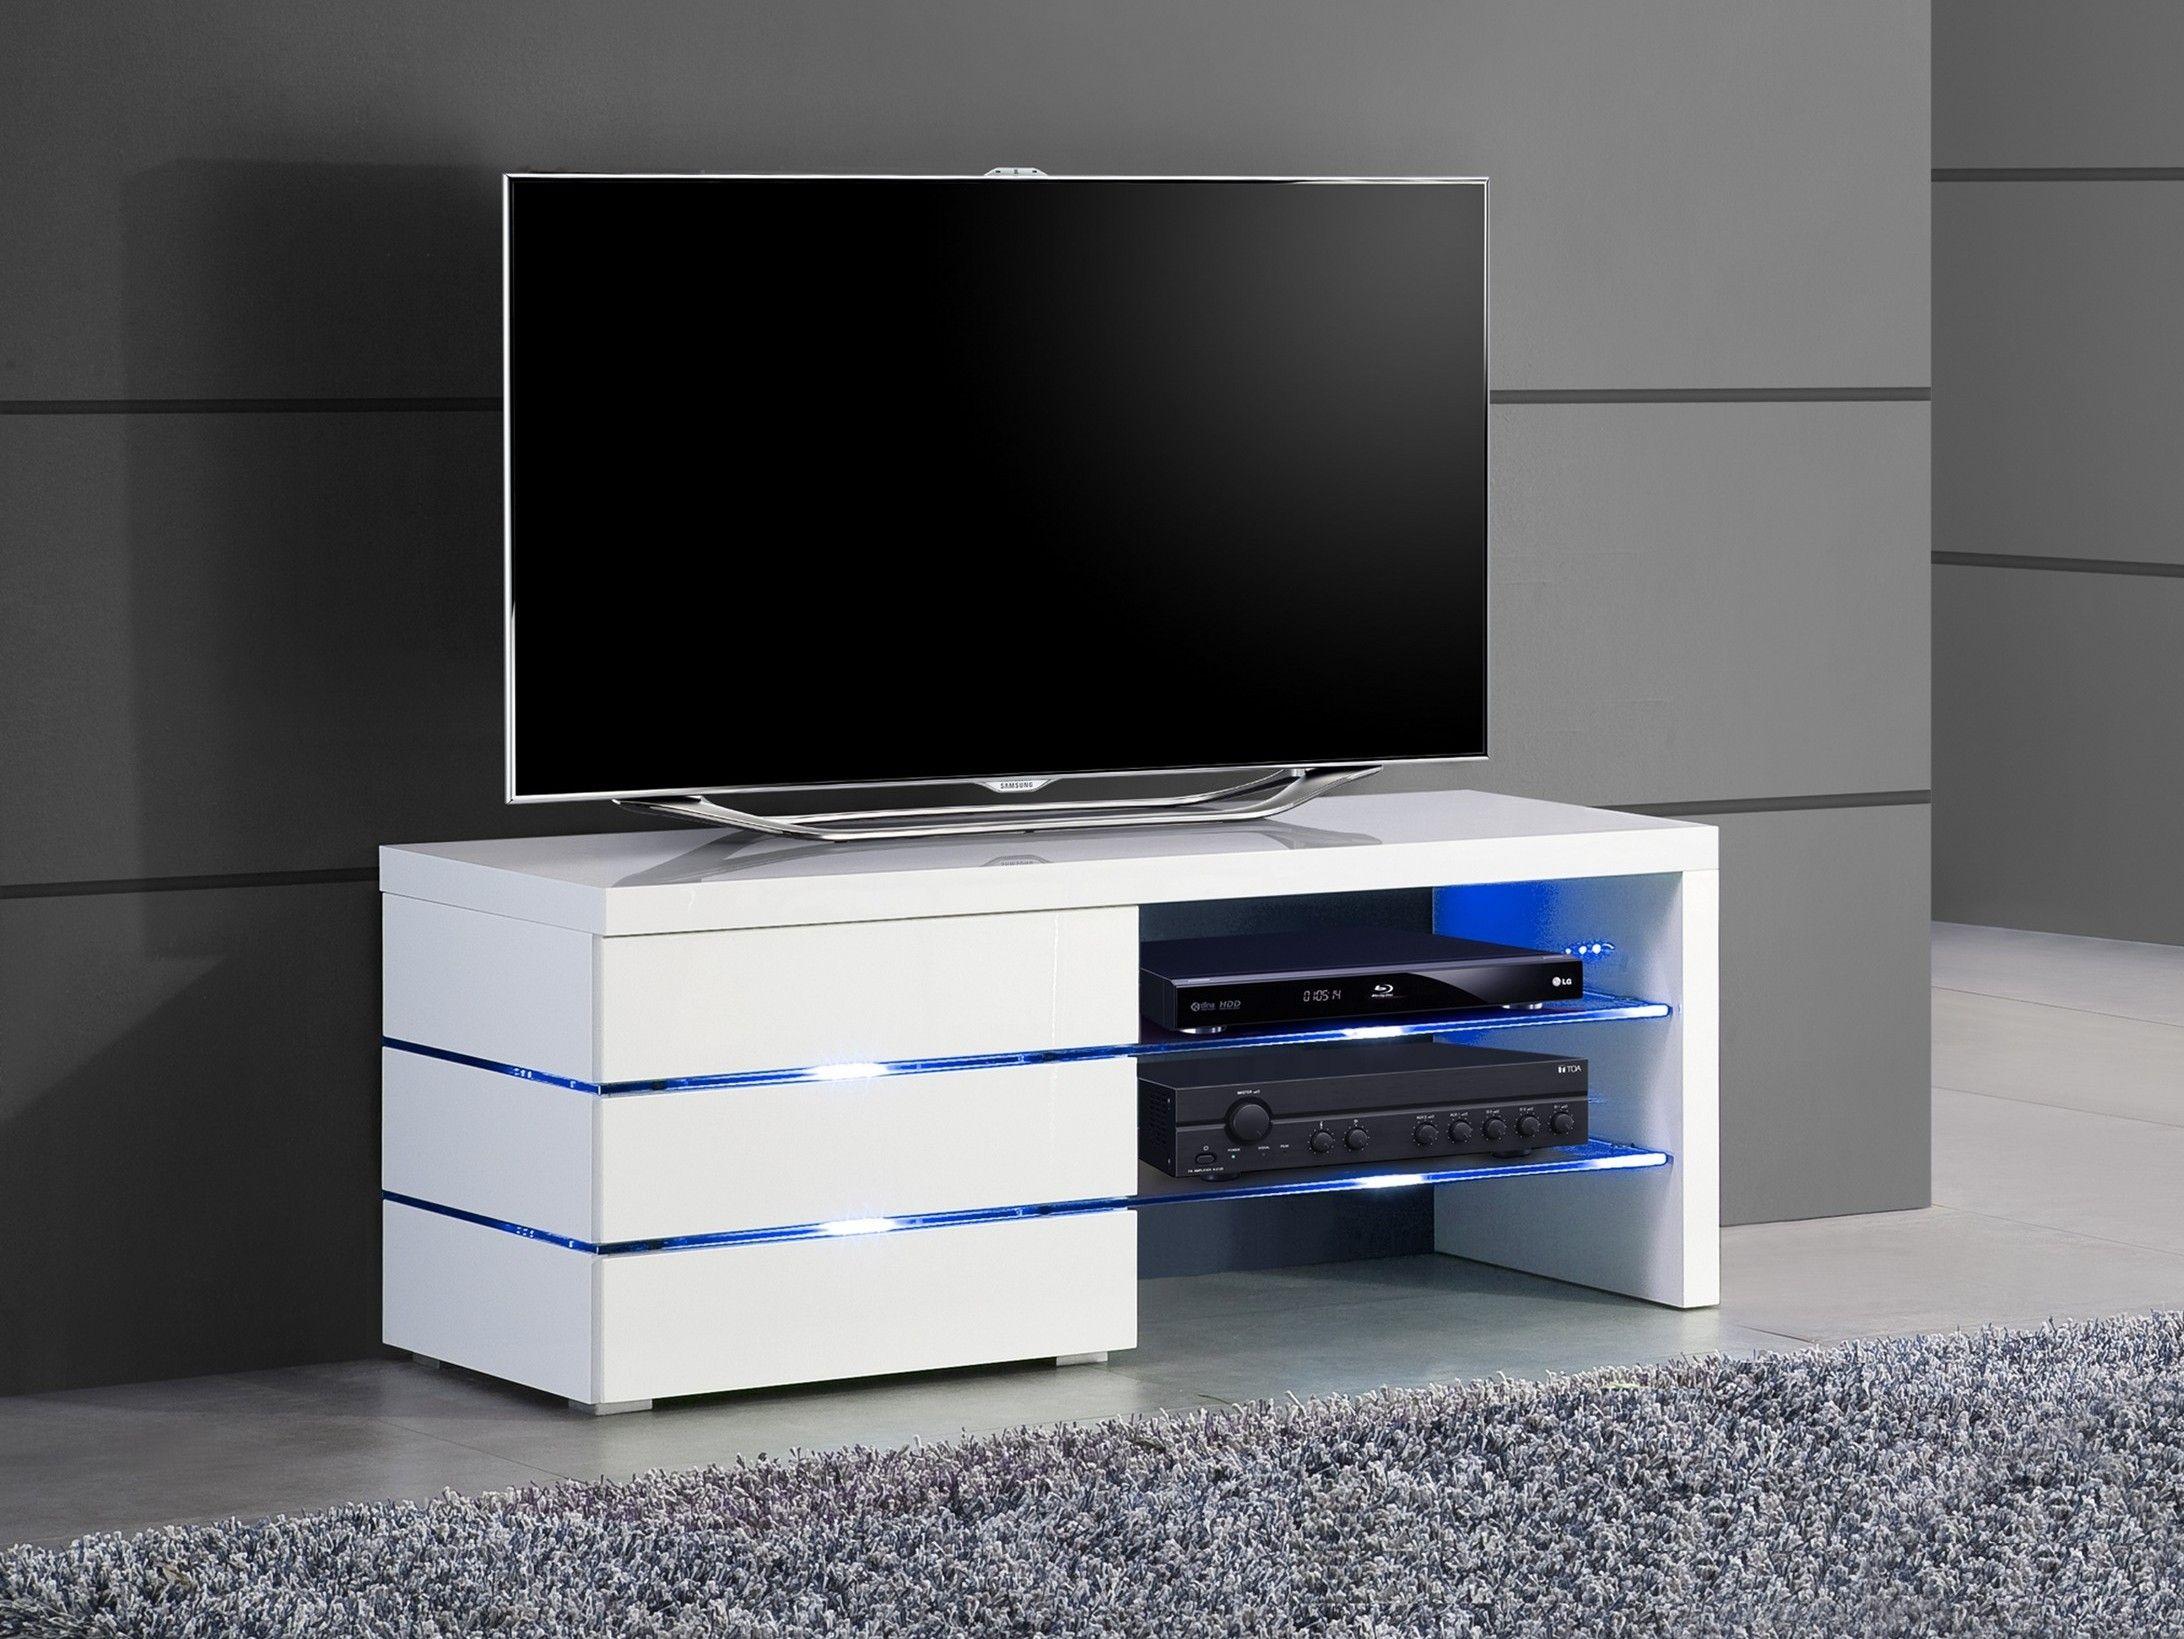 Impressionnant Meuble Tv Pour Chambre Décoration Française - Meubles tv design haut de gamme pour idees de deco de cuisine